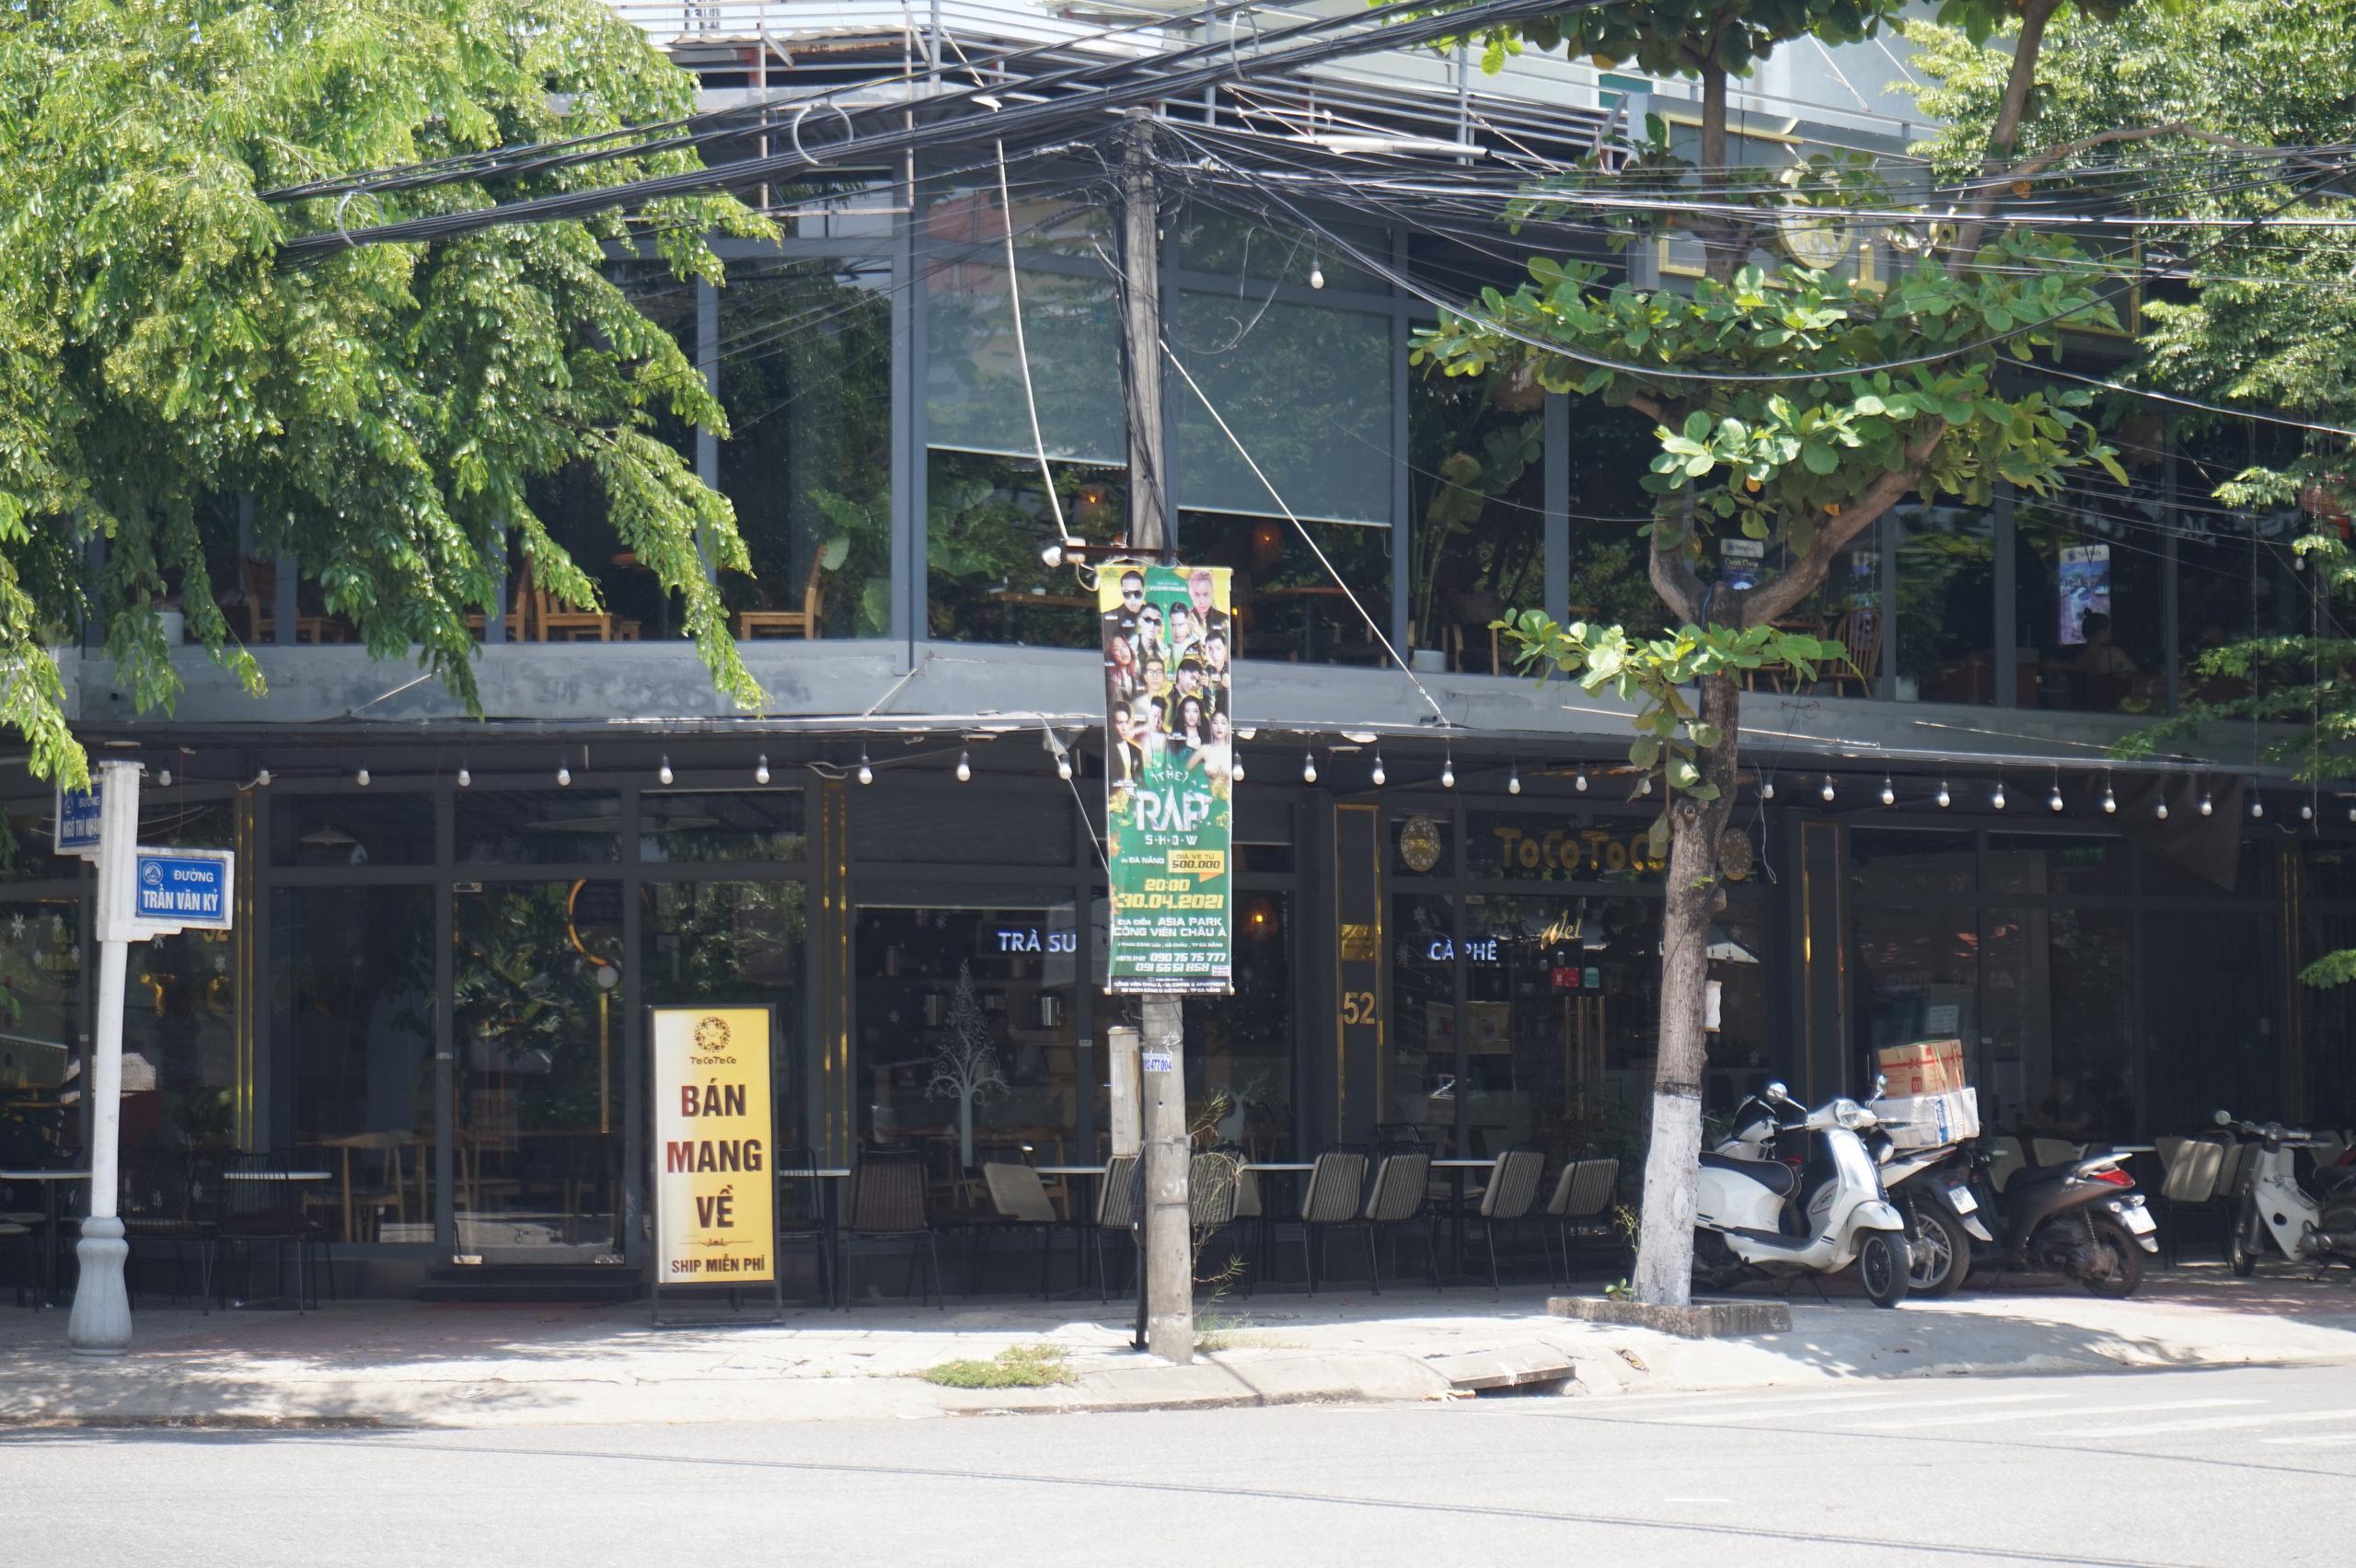 Đà Nẵng: Hàng quán nghiêm chỉnh treo bảng bán mang về, thậm chí đóng cửa để phòng chống dịch Covid-19 - Ảnh 8.